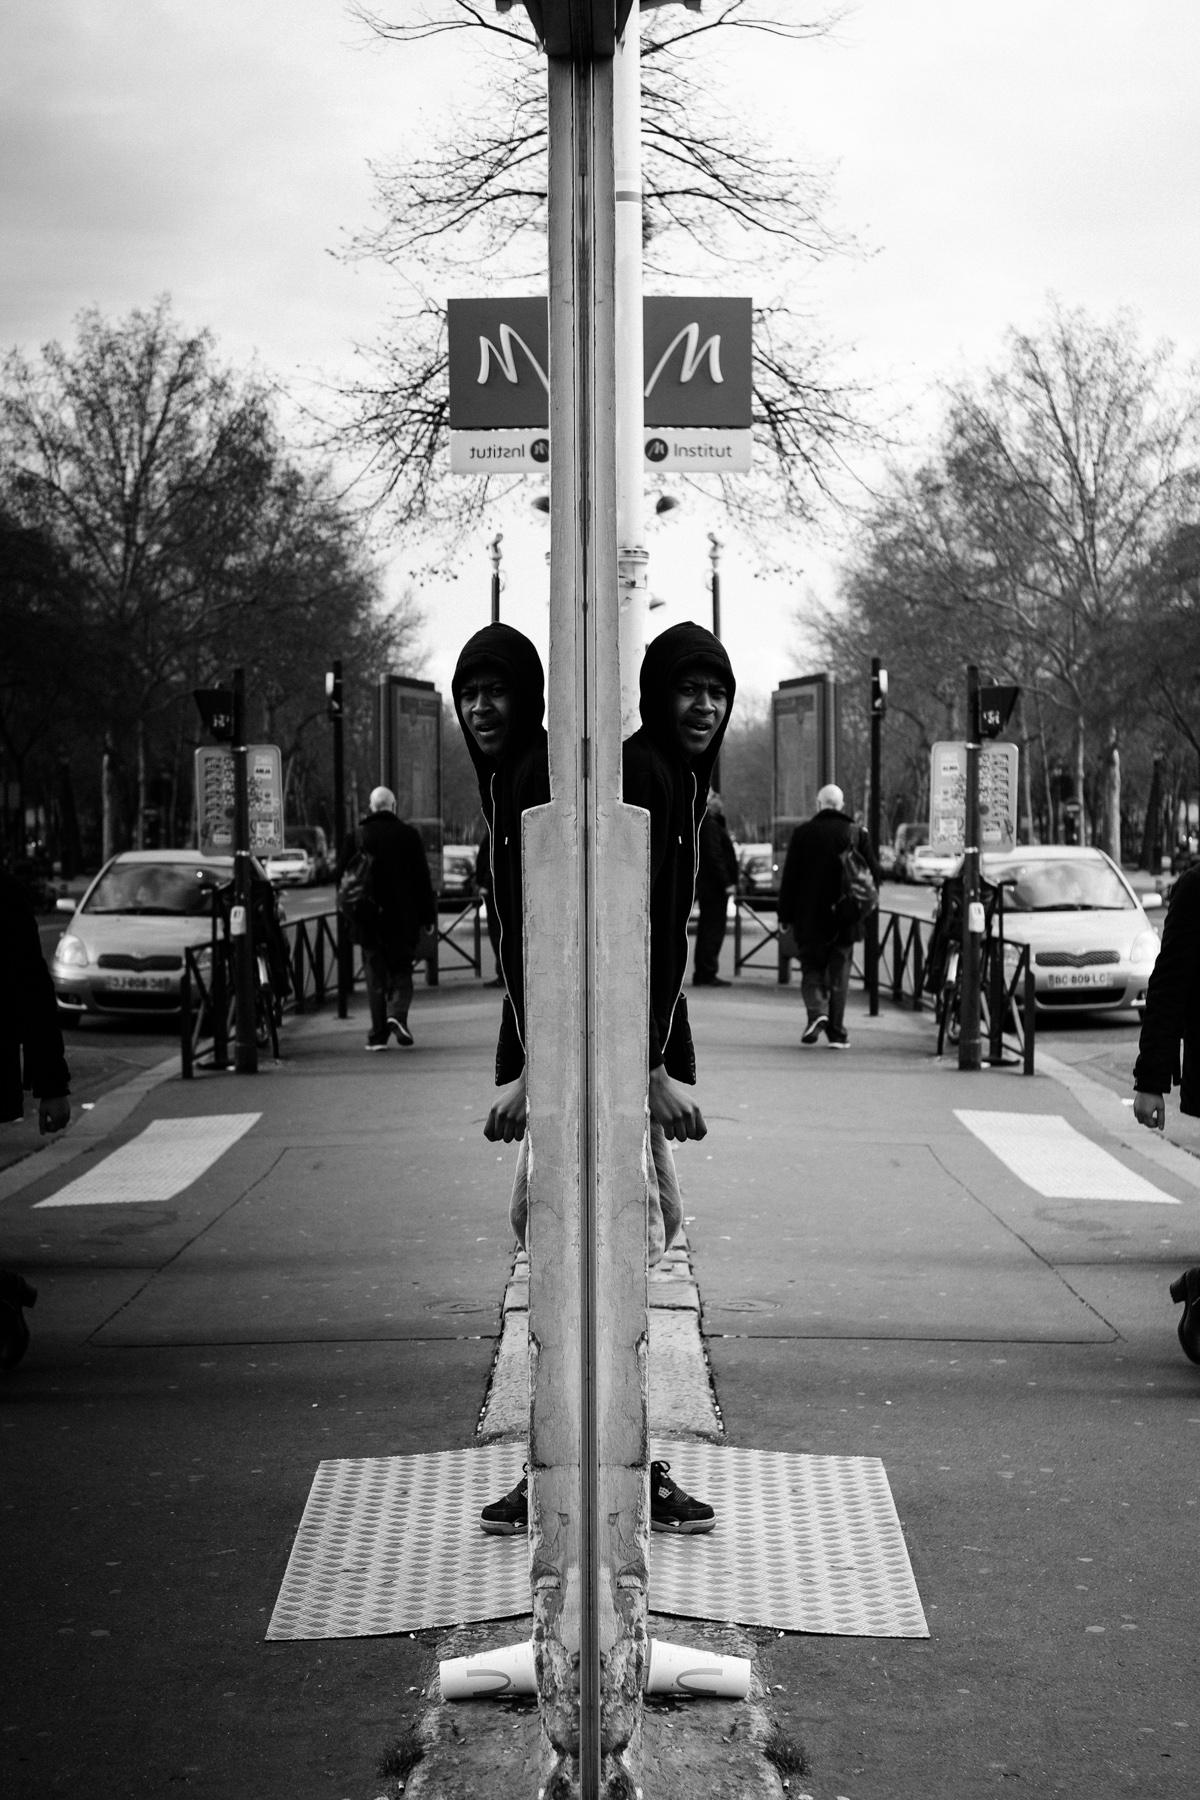 BILDER_PARIS_april_2016_lowres-66